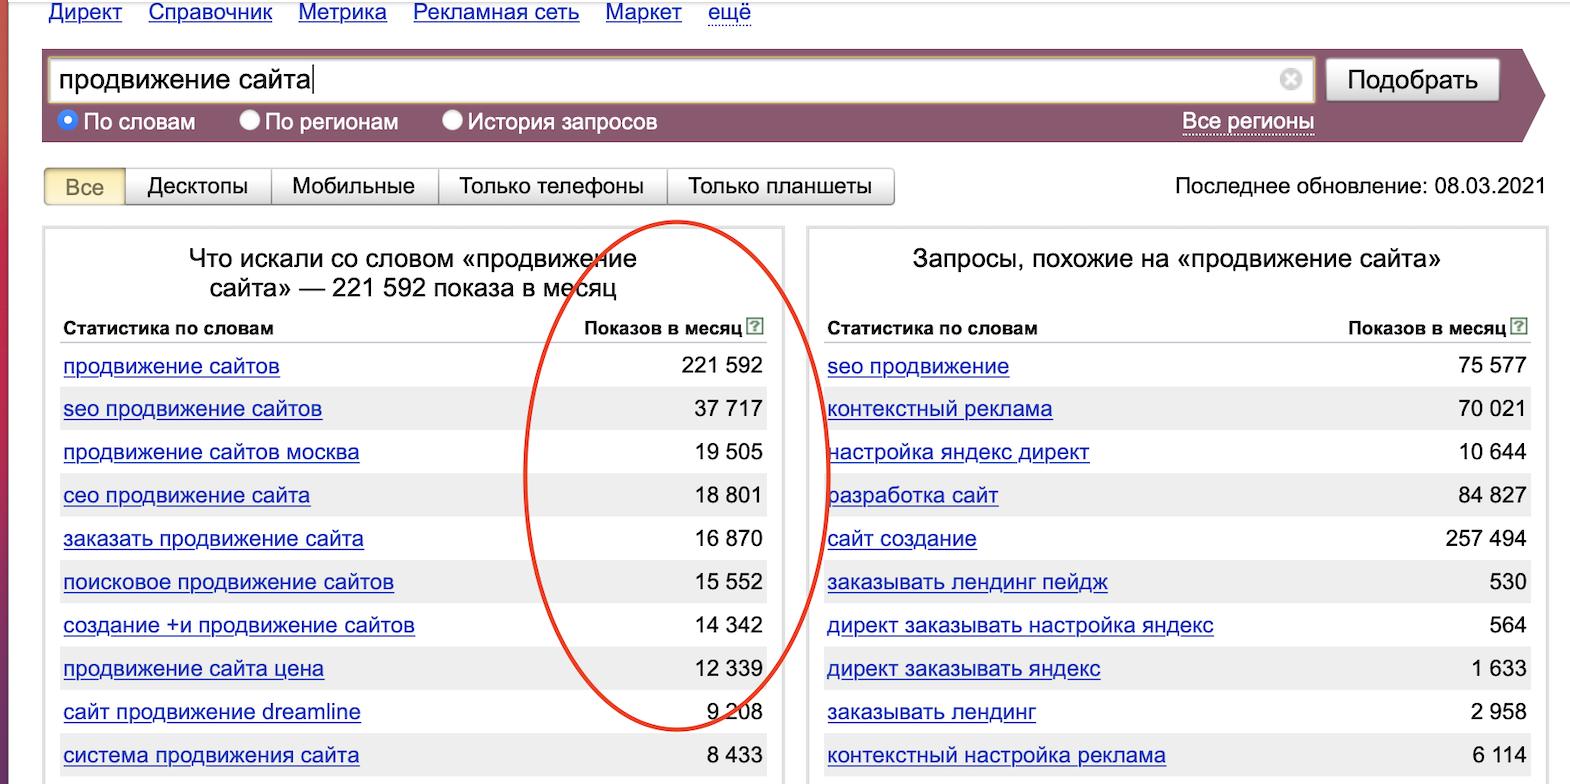 Продвижение сайта по ключевым словам в яндексе организация рекламы в интернете диплом